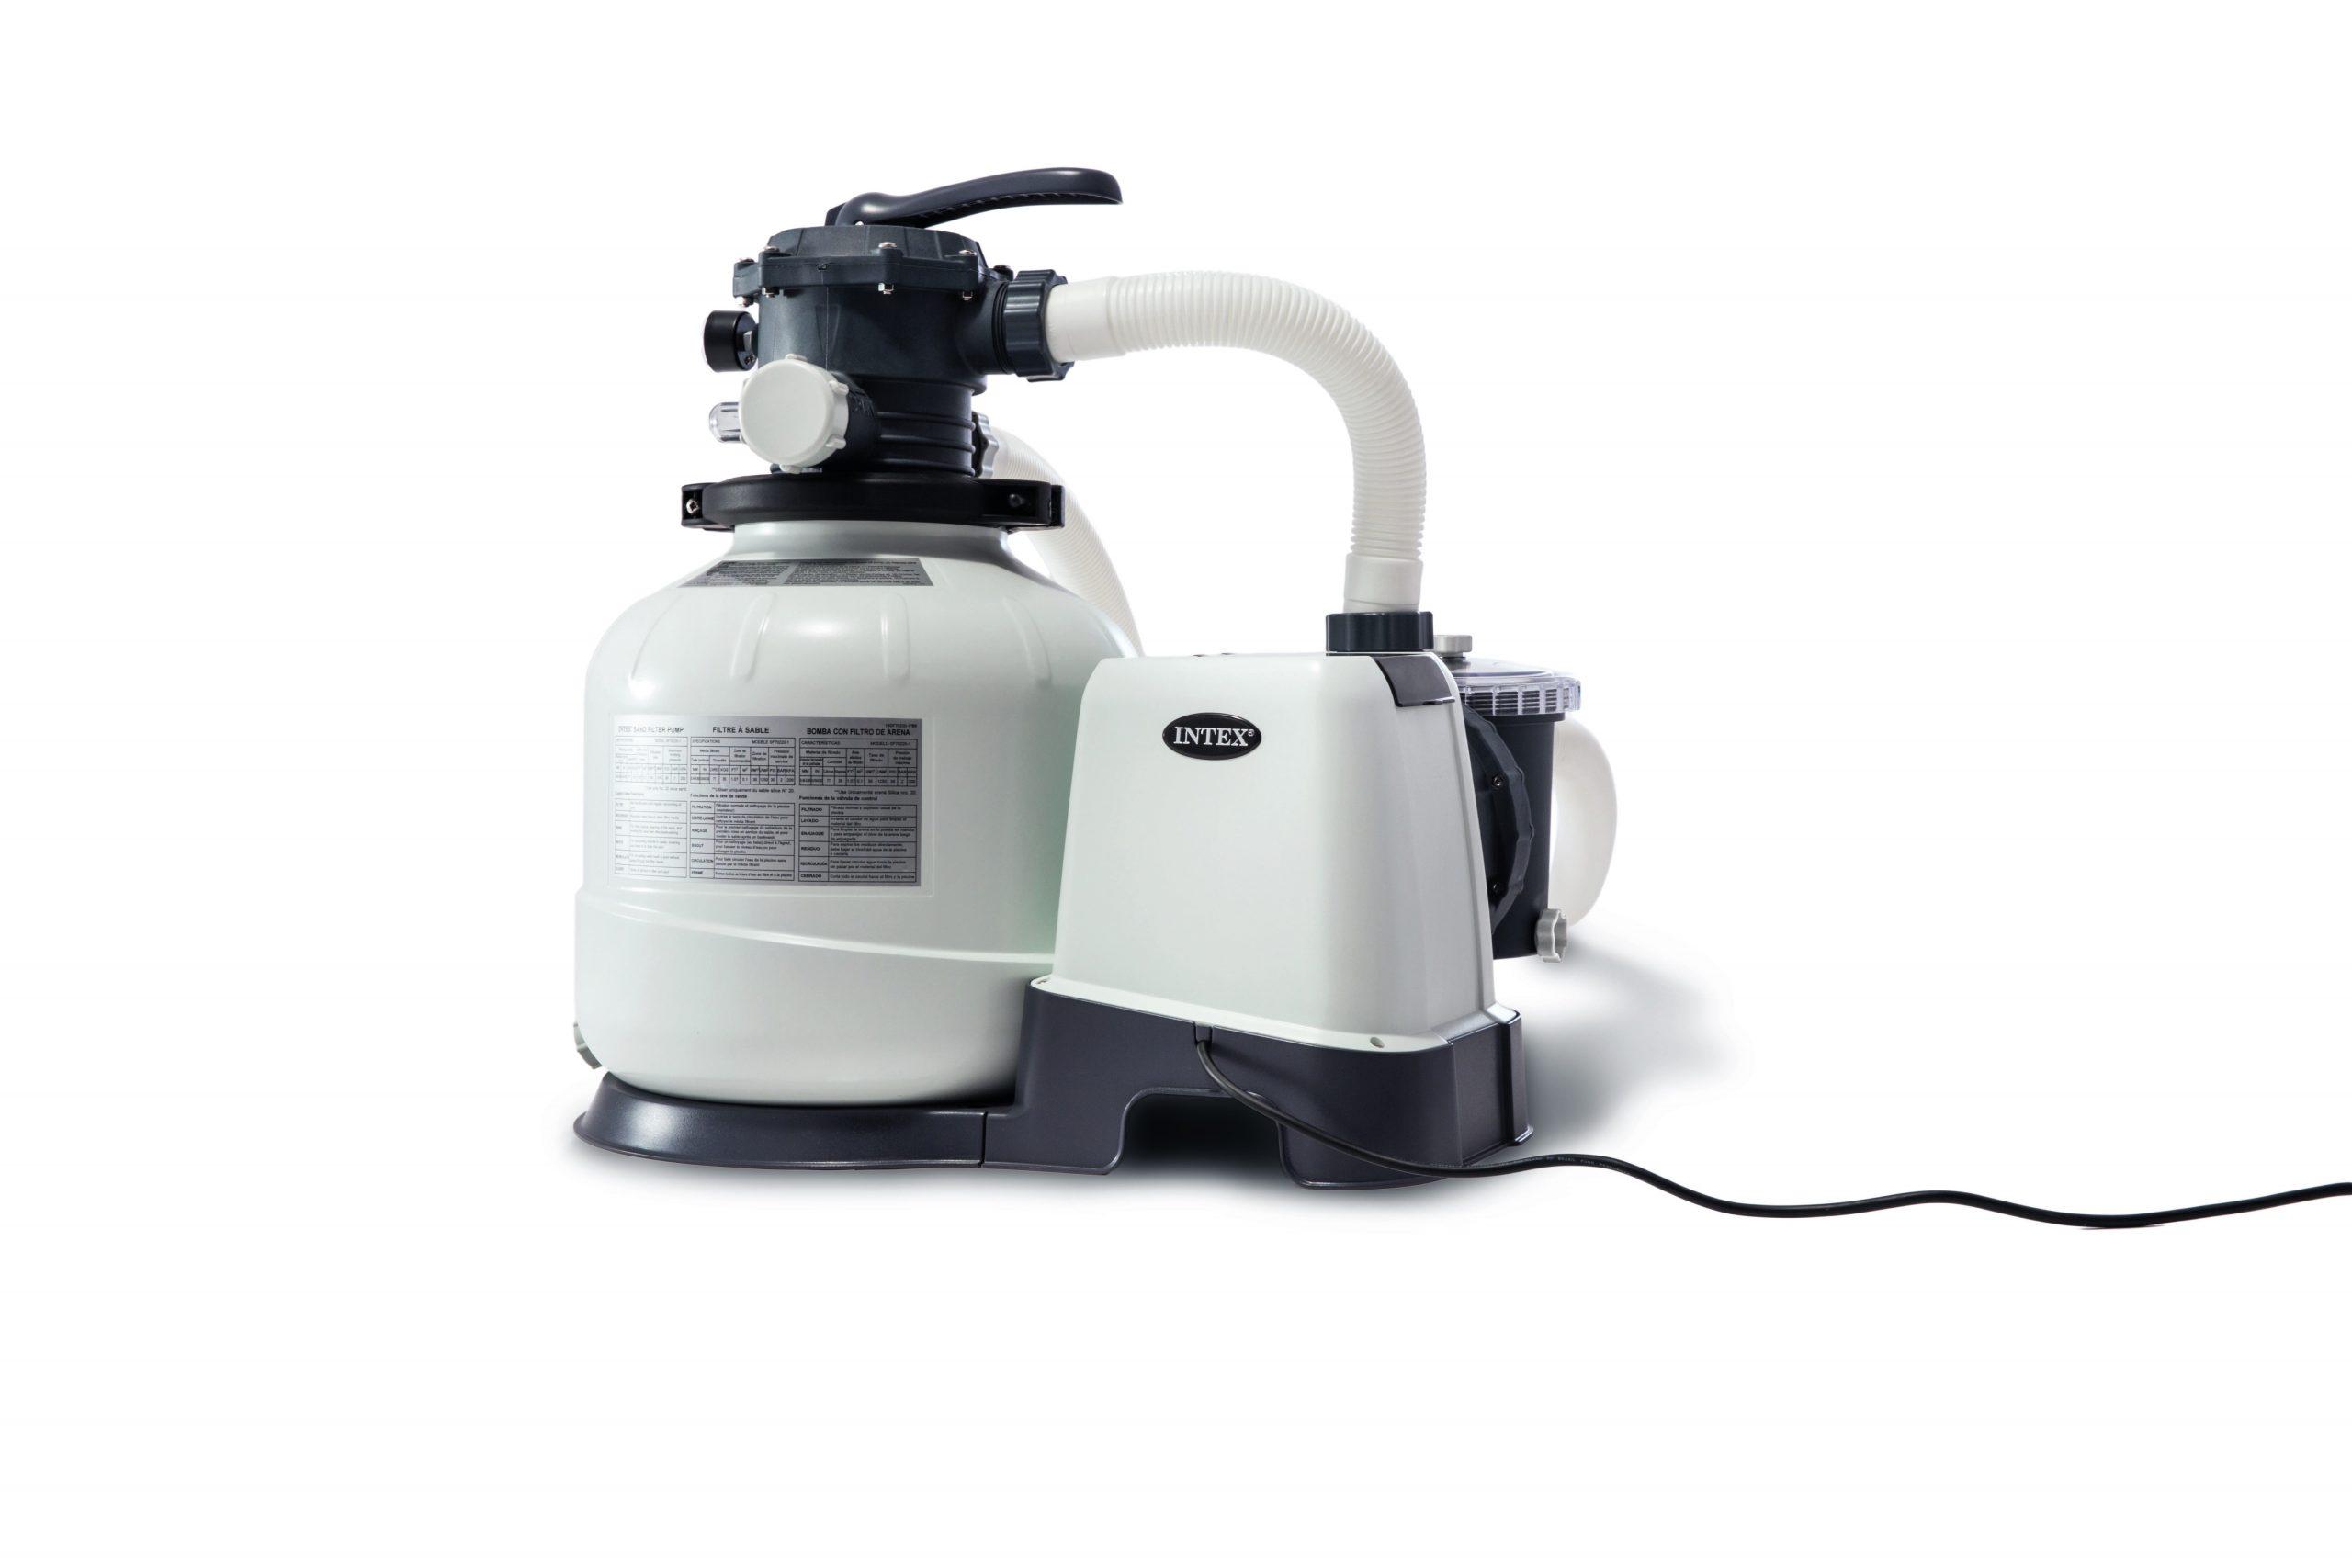 Filtre À Sable Pour Piscine Intex 8 M³/H | Leroy Merlin pour Vanne Piscine Intex